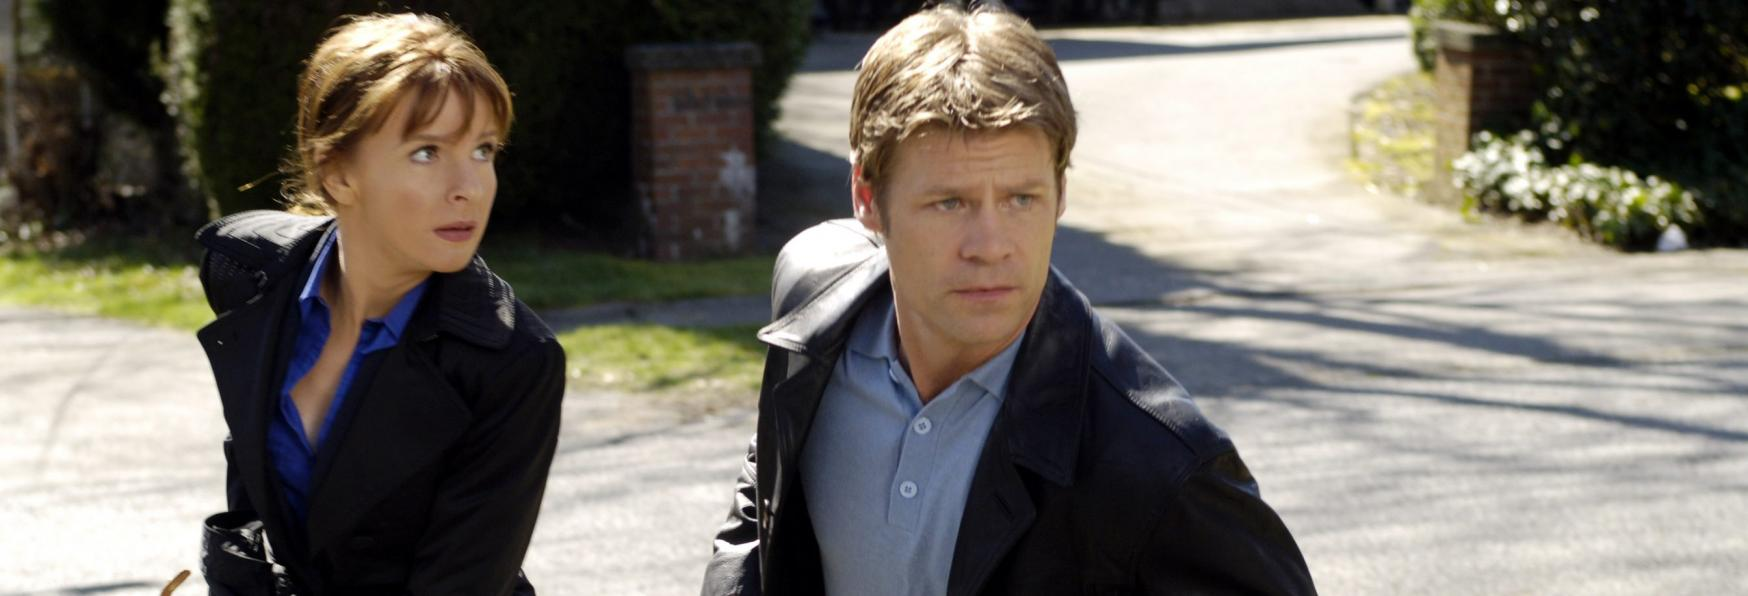 Il primo sguardo al Reboot di The CW di 4400, una Serie TV del 2004